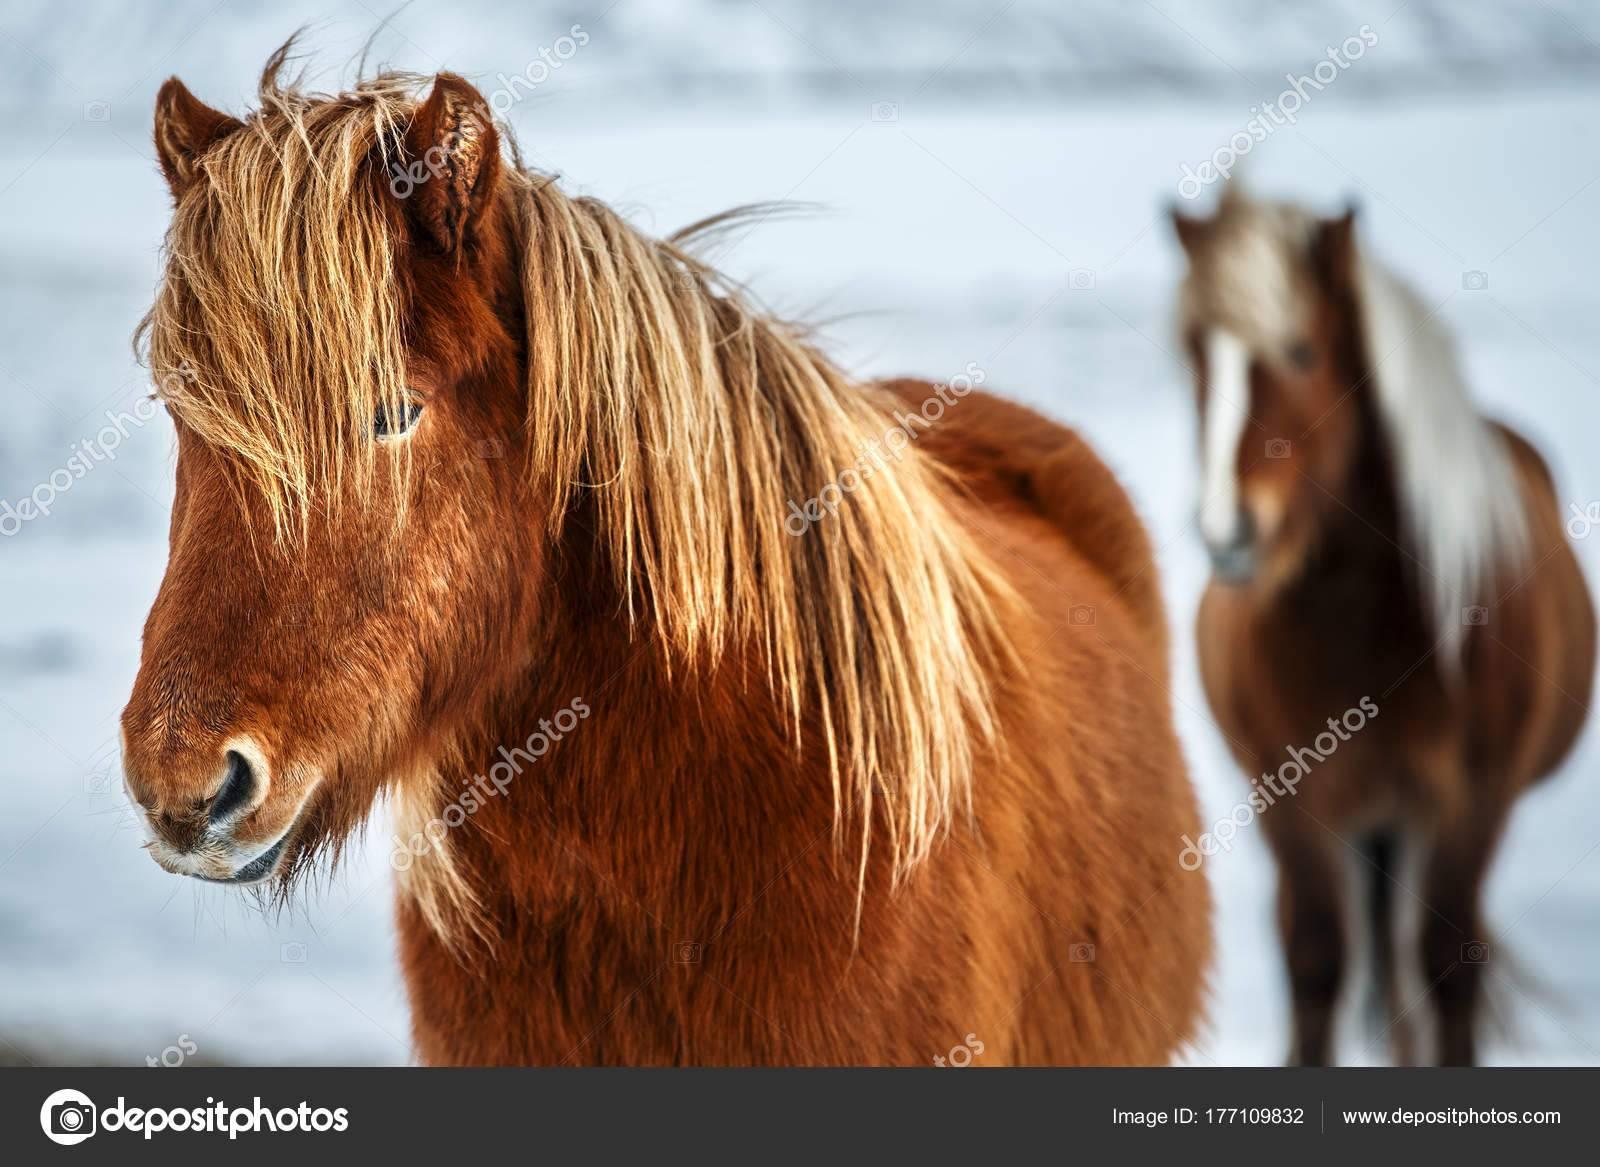 Самые красивые лошади, породистые и редкие виды, описание пород